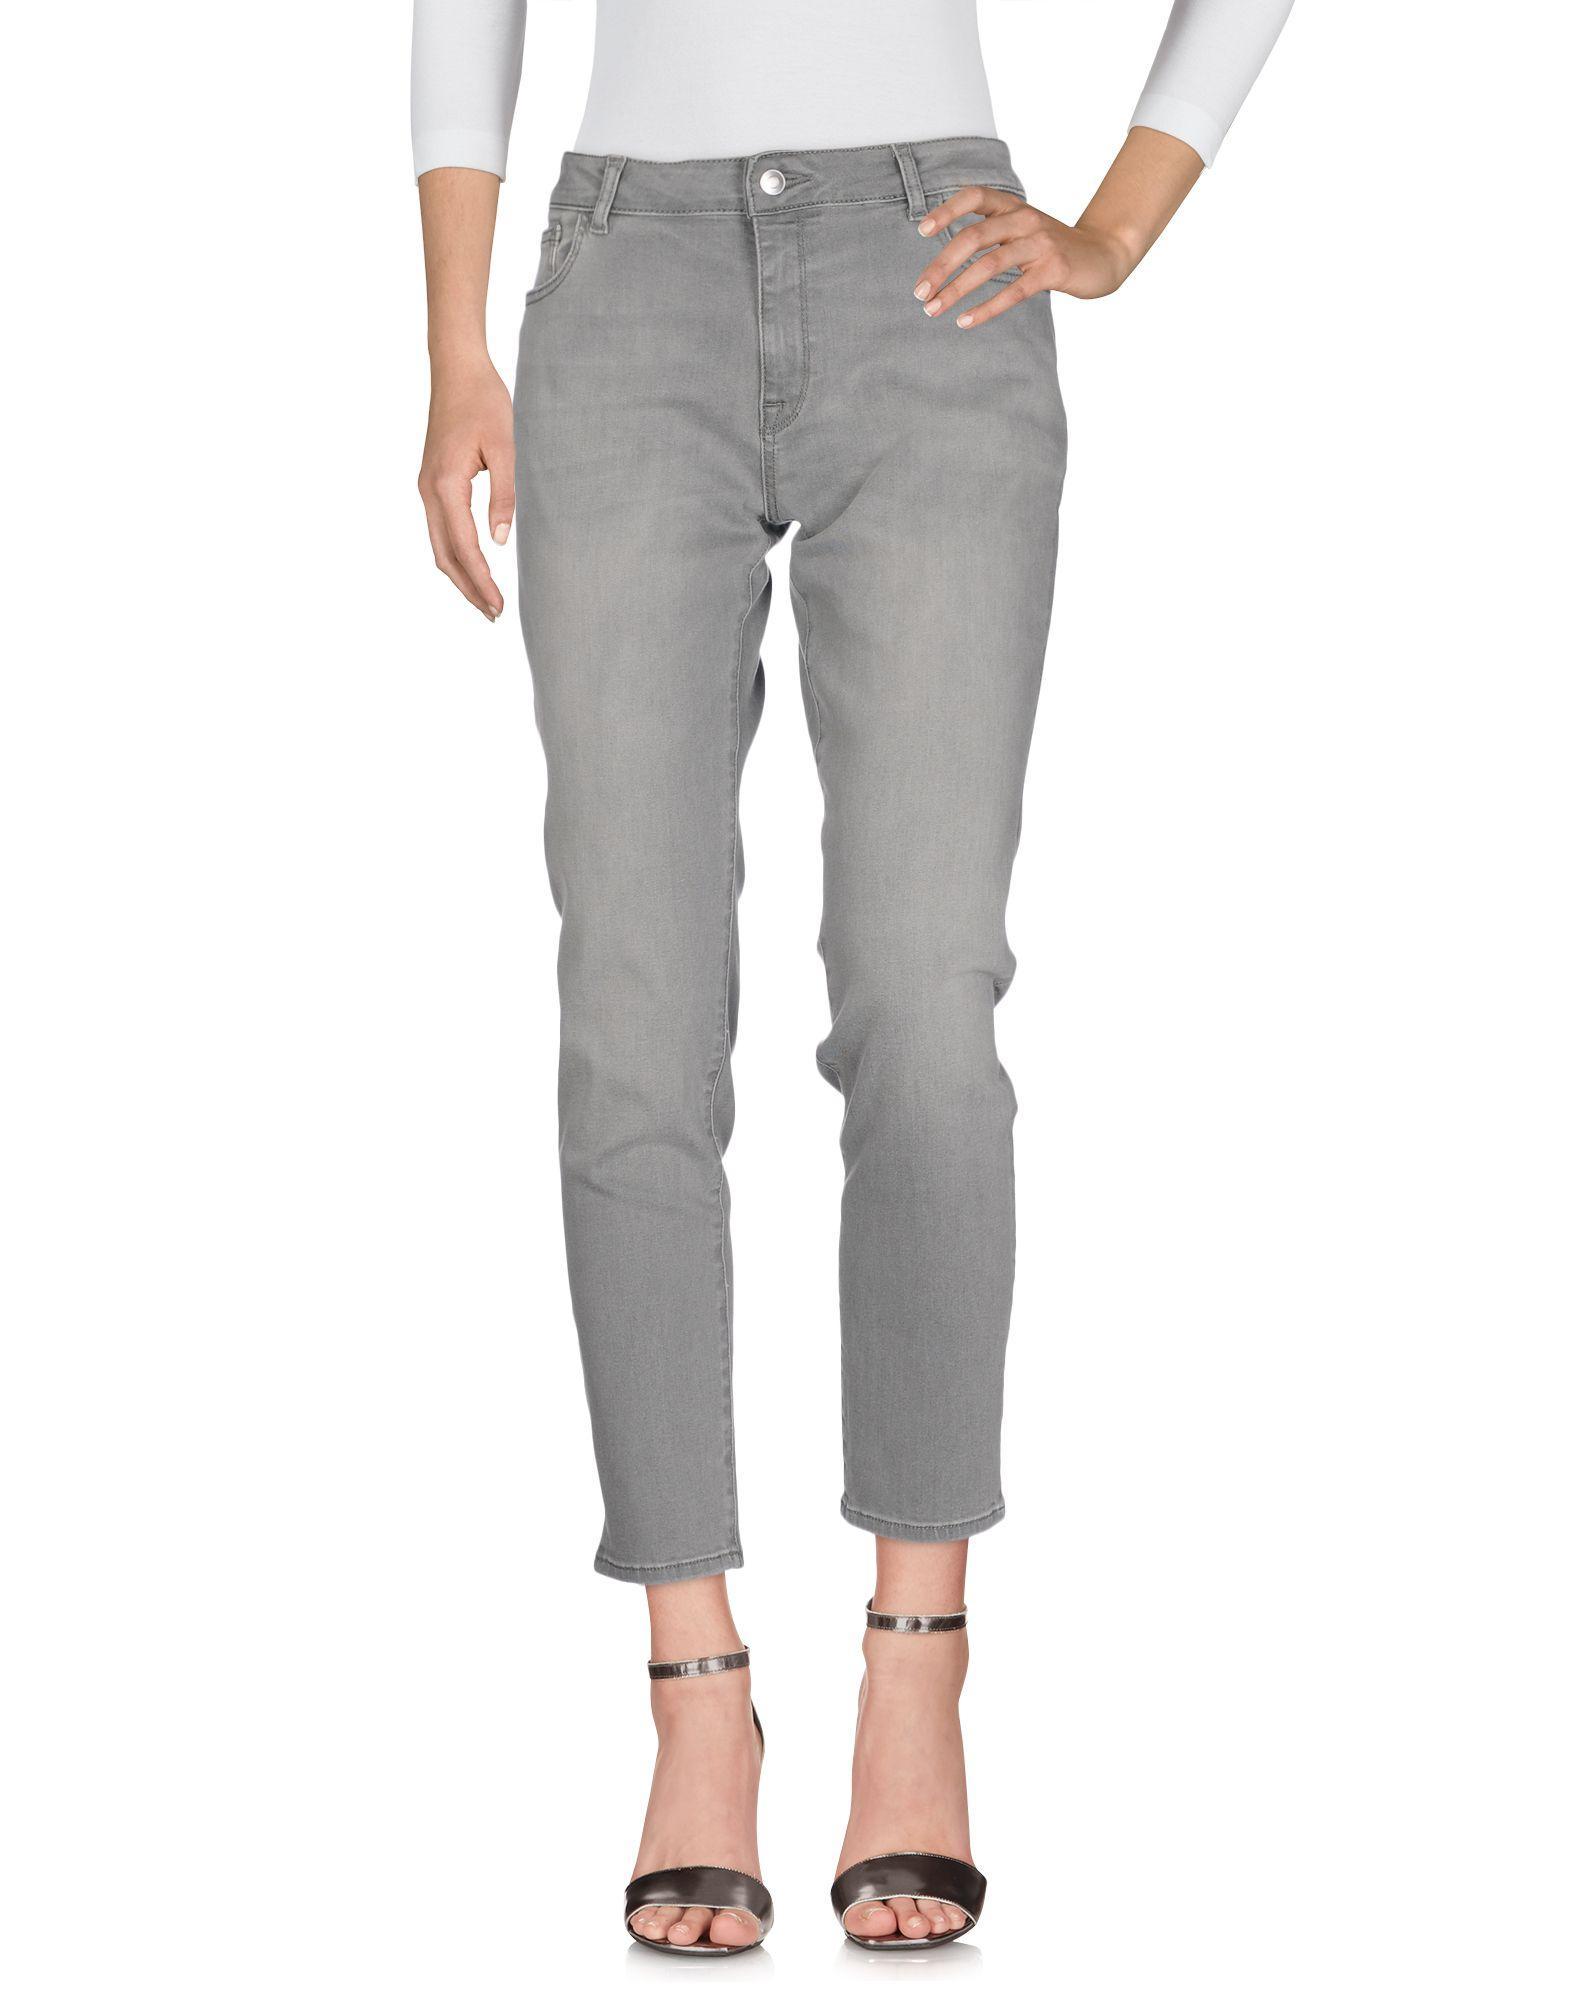 e297b1e30819 Dl 1961 Jeans In Grey